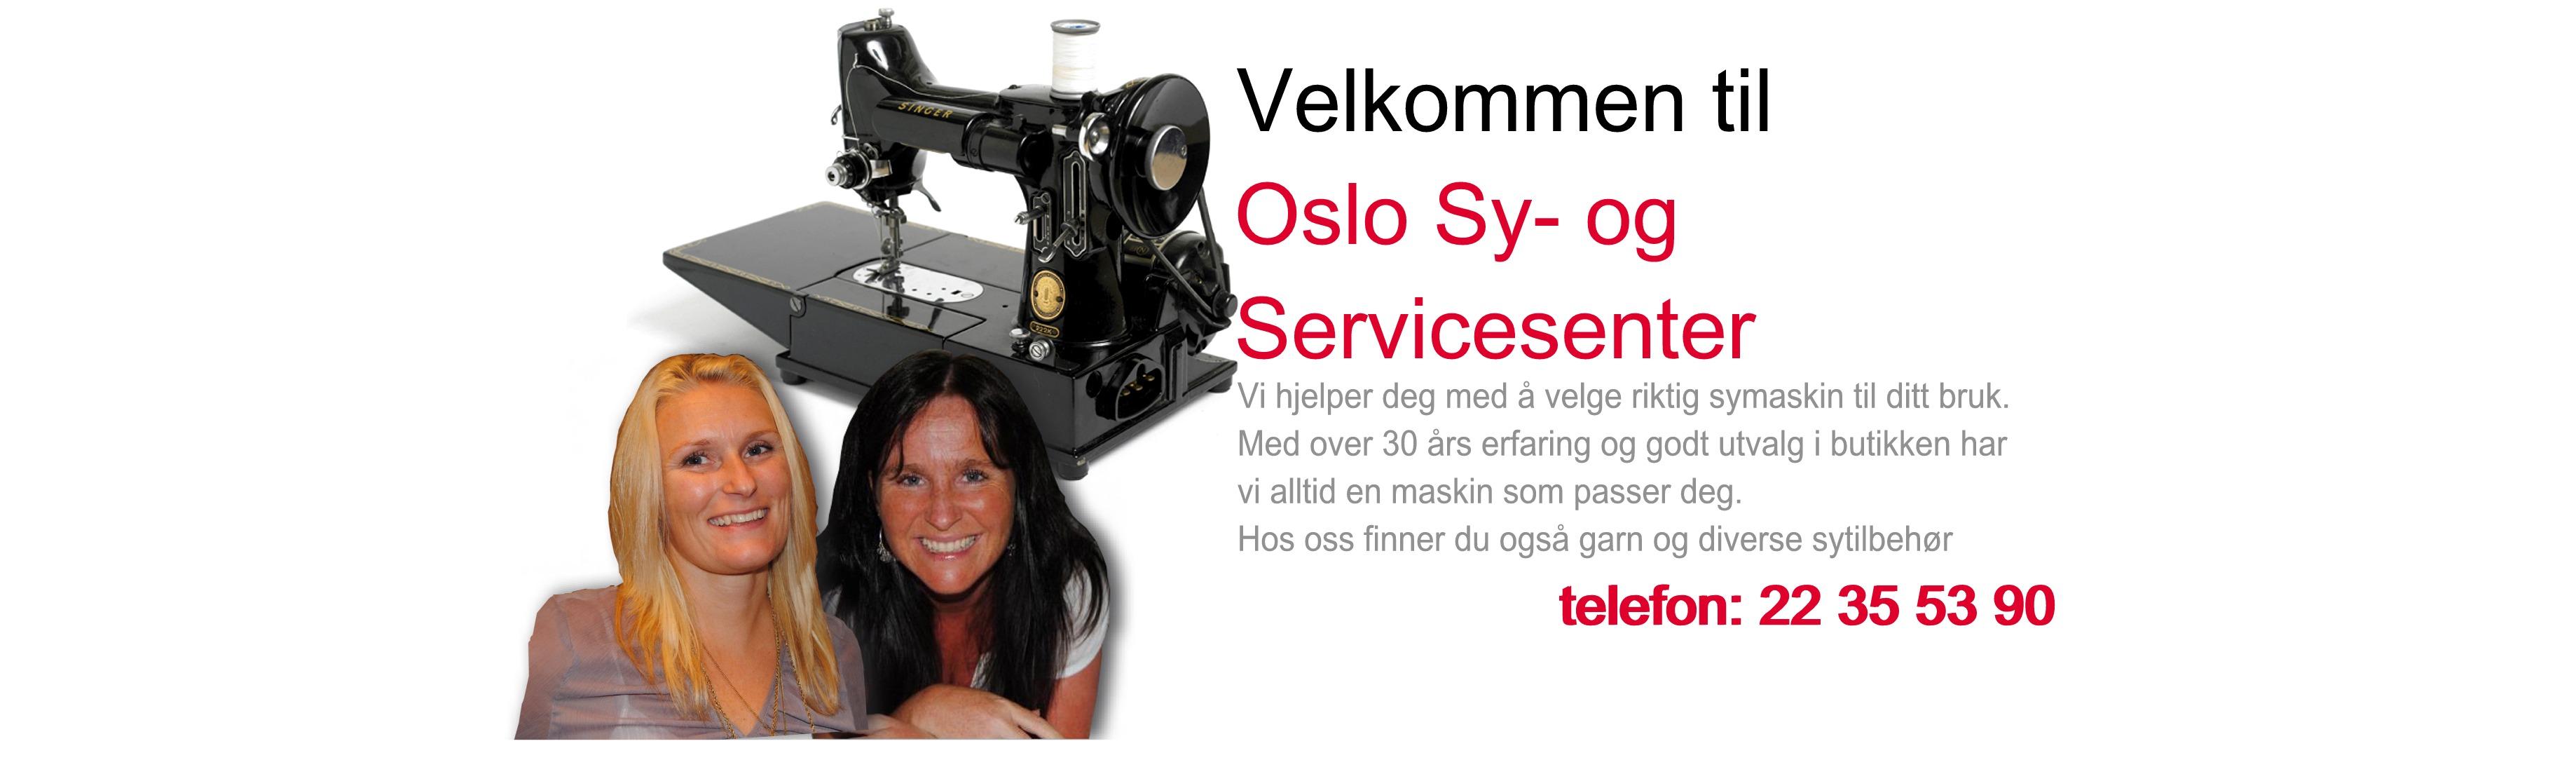 ESOS-VELKOMMEN-TIL-OSLO-SY-OG-SERVICESENTER